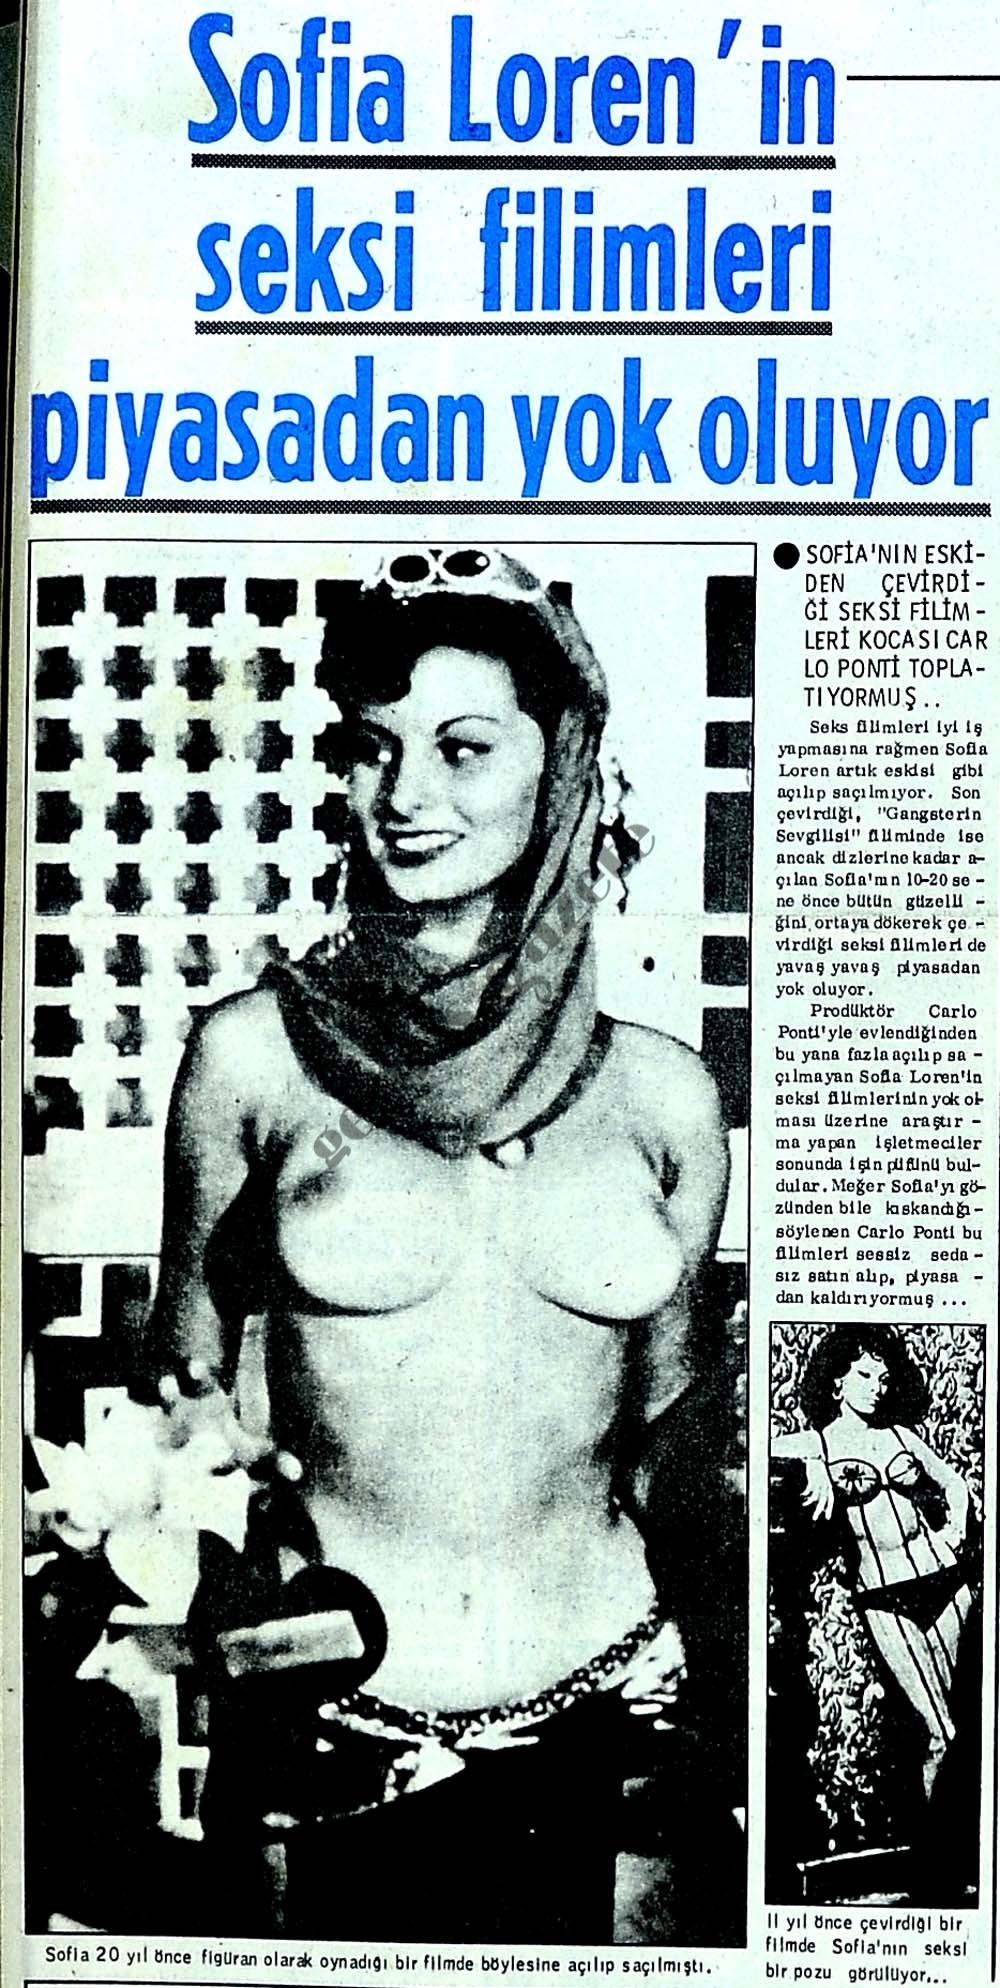 Sofia Loren'in seksi filimleri piyasadan yok oluyor